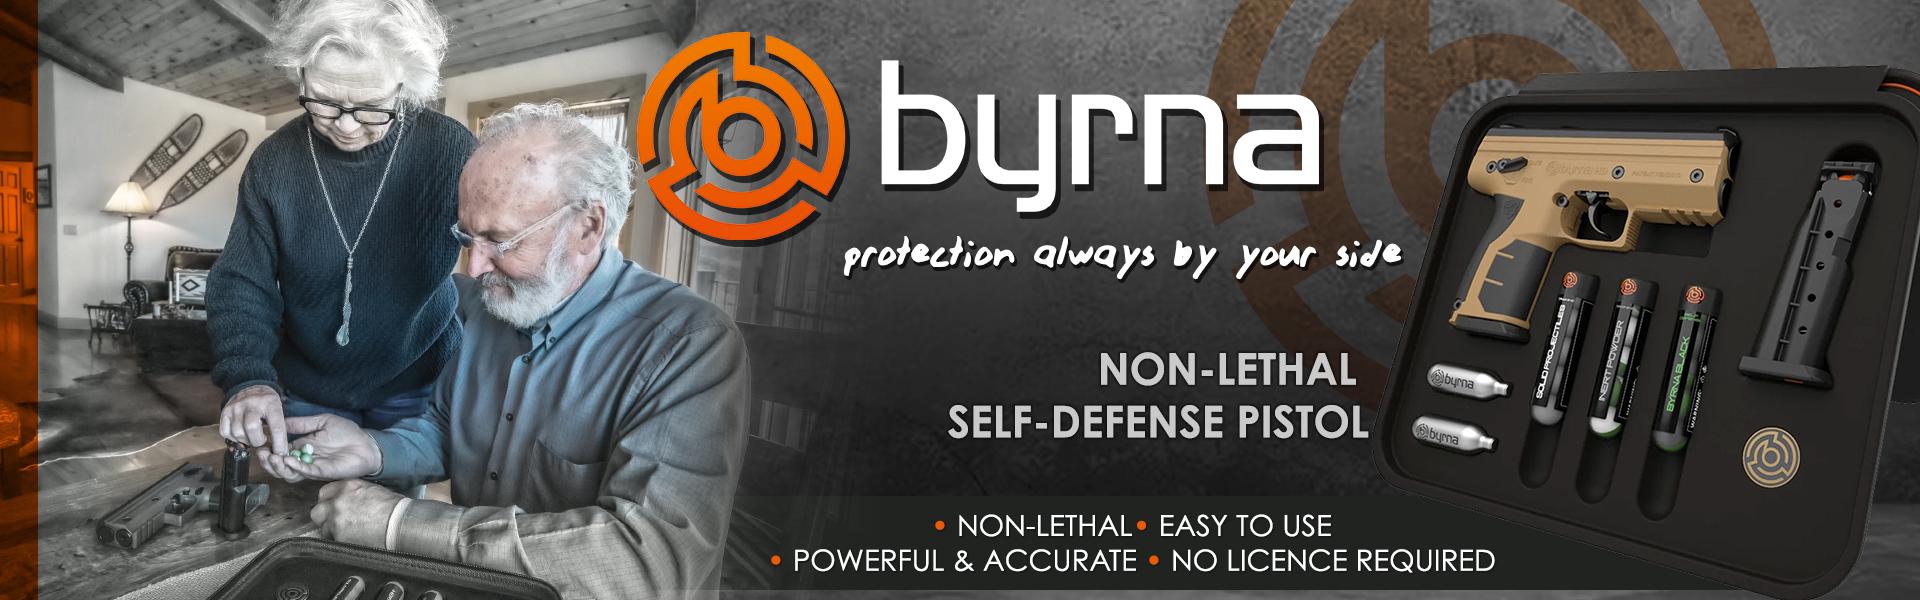 b/y/byrna_web_banner.jpg